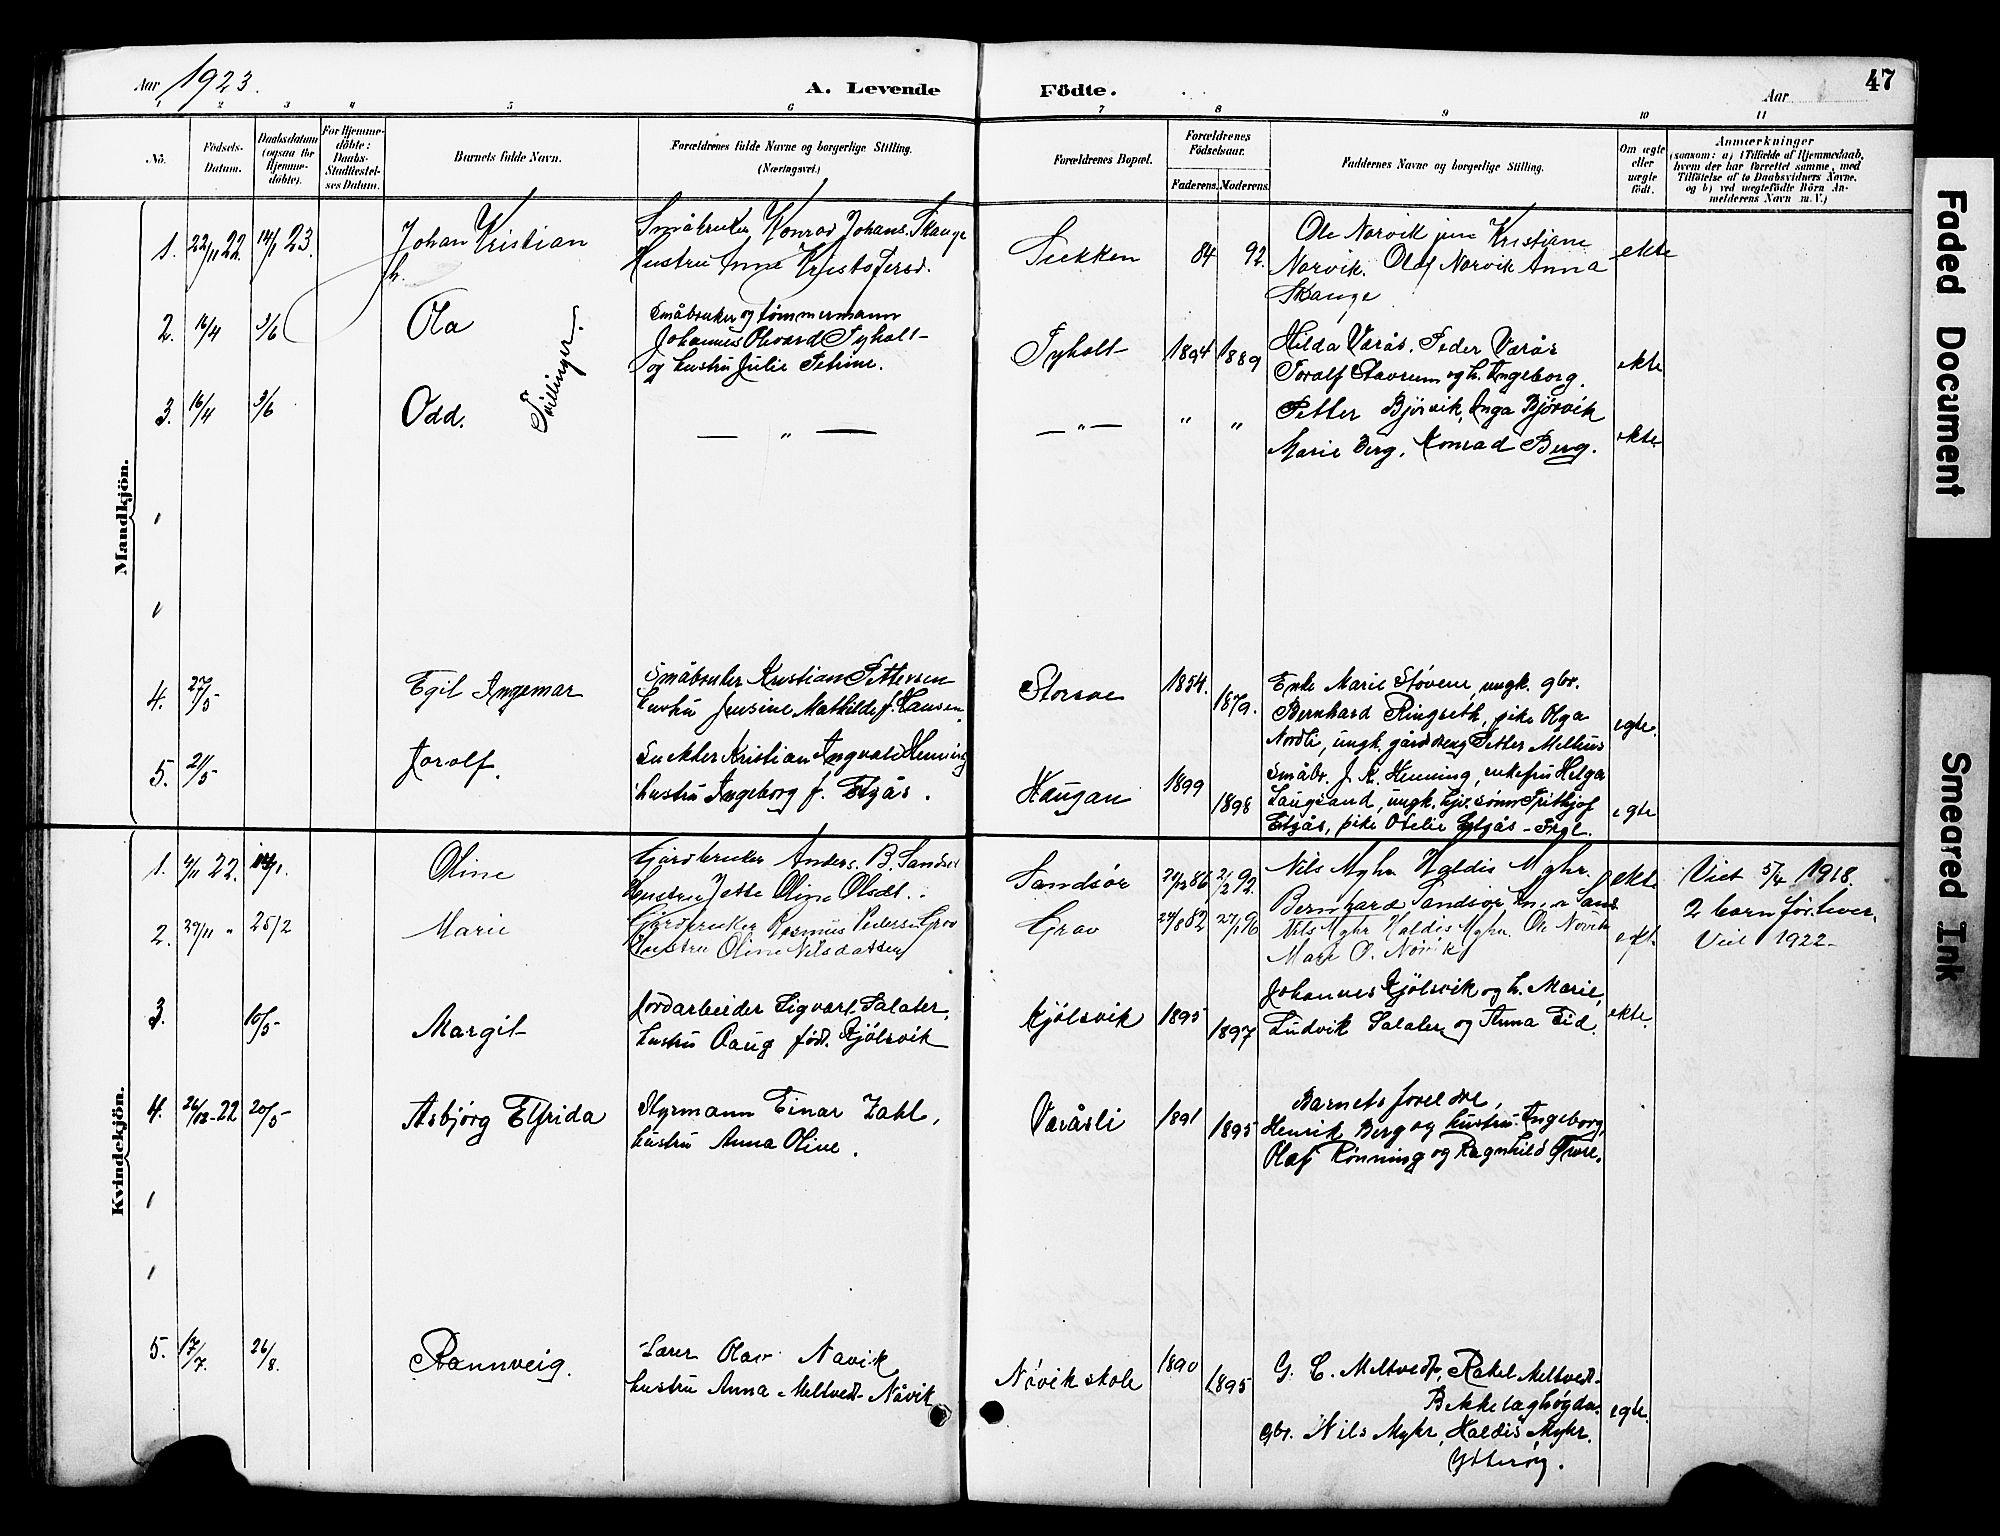 SAT, Ministerialprotokoller, klokkerbøker og fødselsregistre - Nord-Trøndelag, 722/L0226: Klokkerbok nr. 722C02, 1889-1927, s. 47